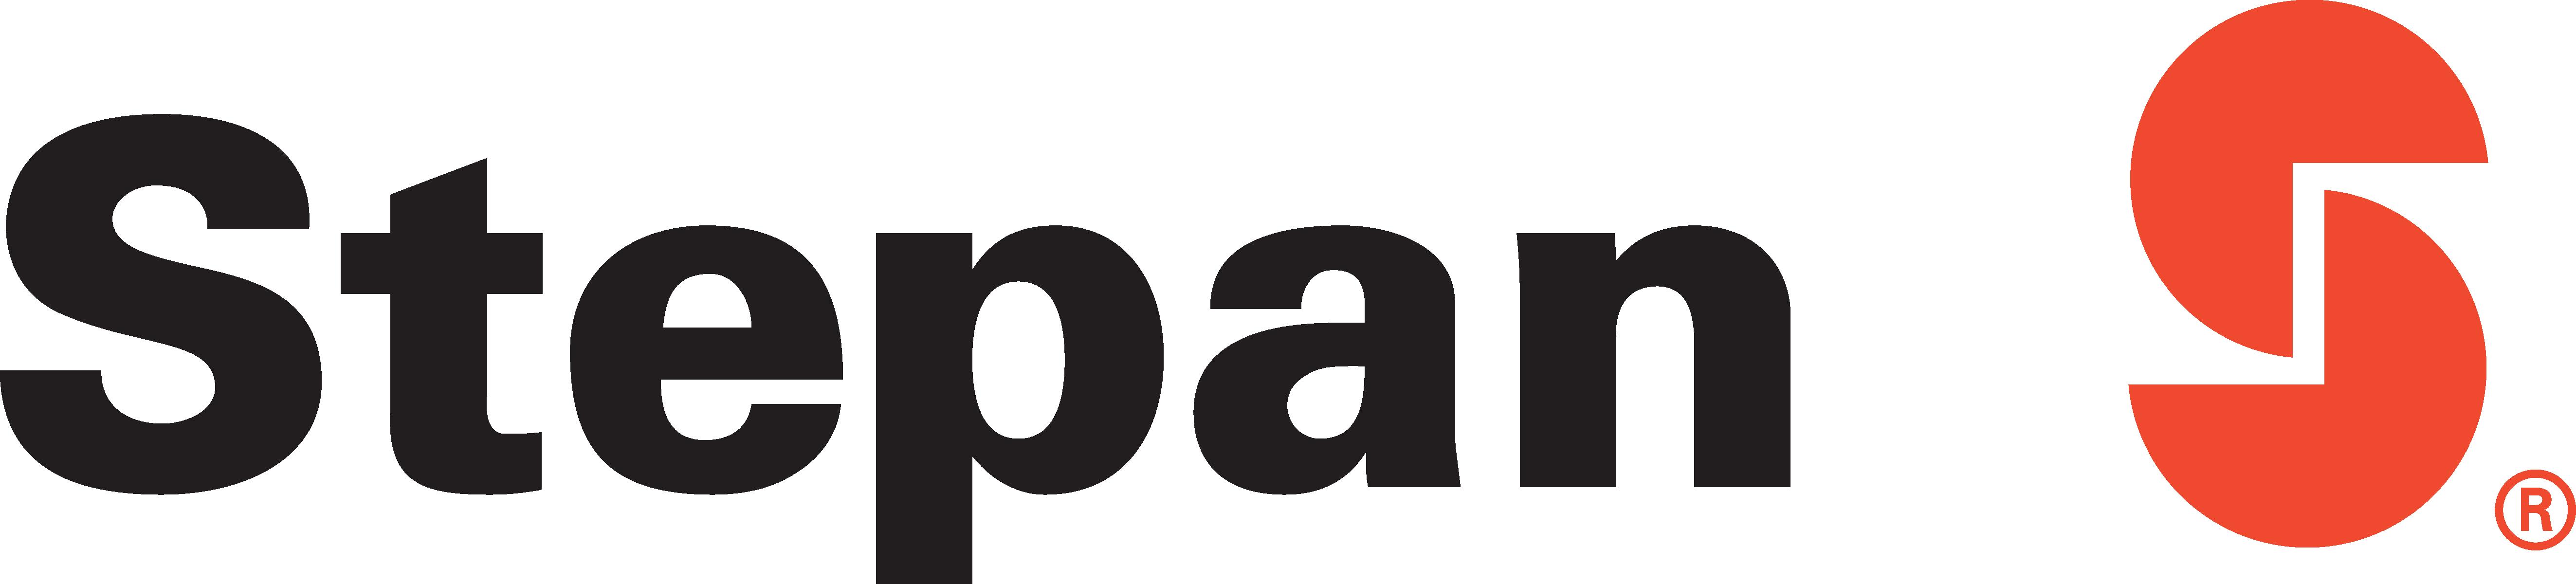 Approved logo_ transparent background (002)